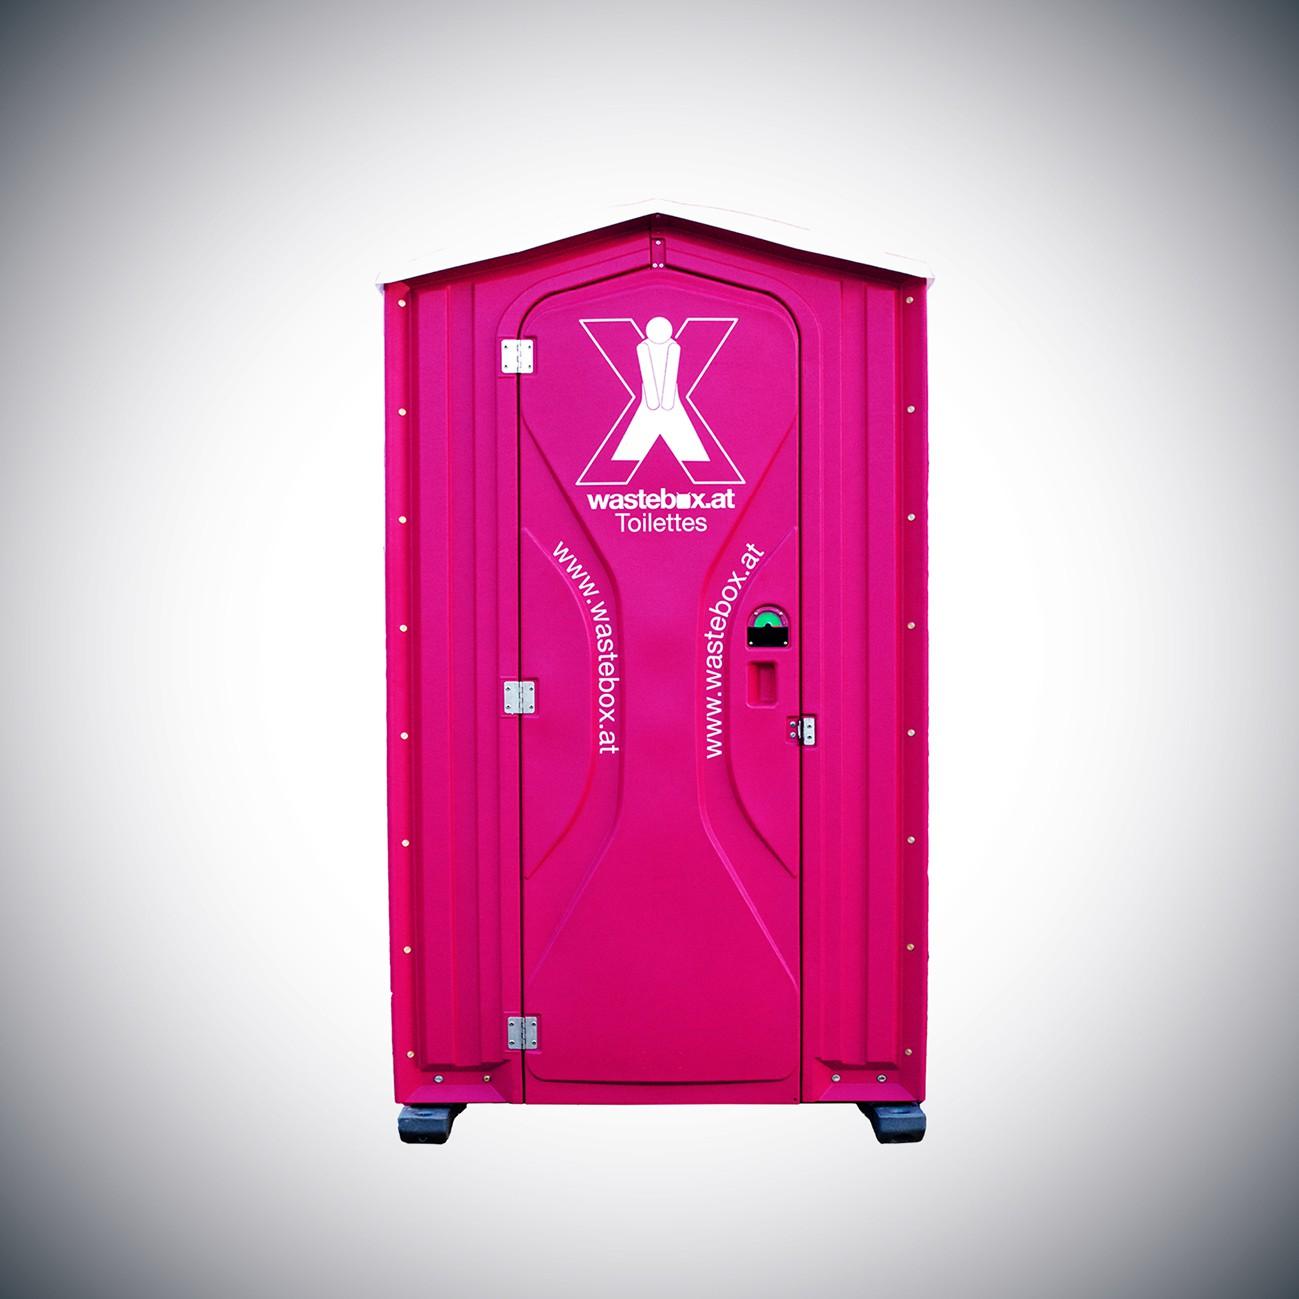 wastebox-Toilette Handicap